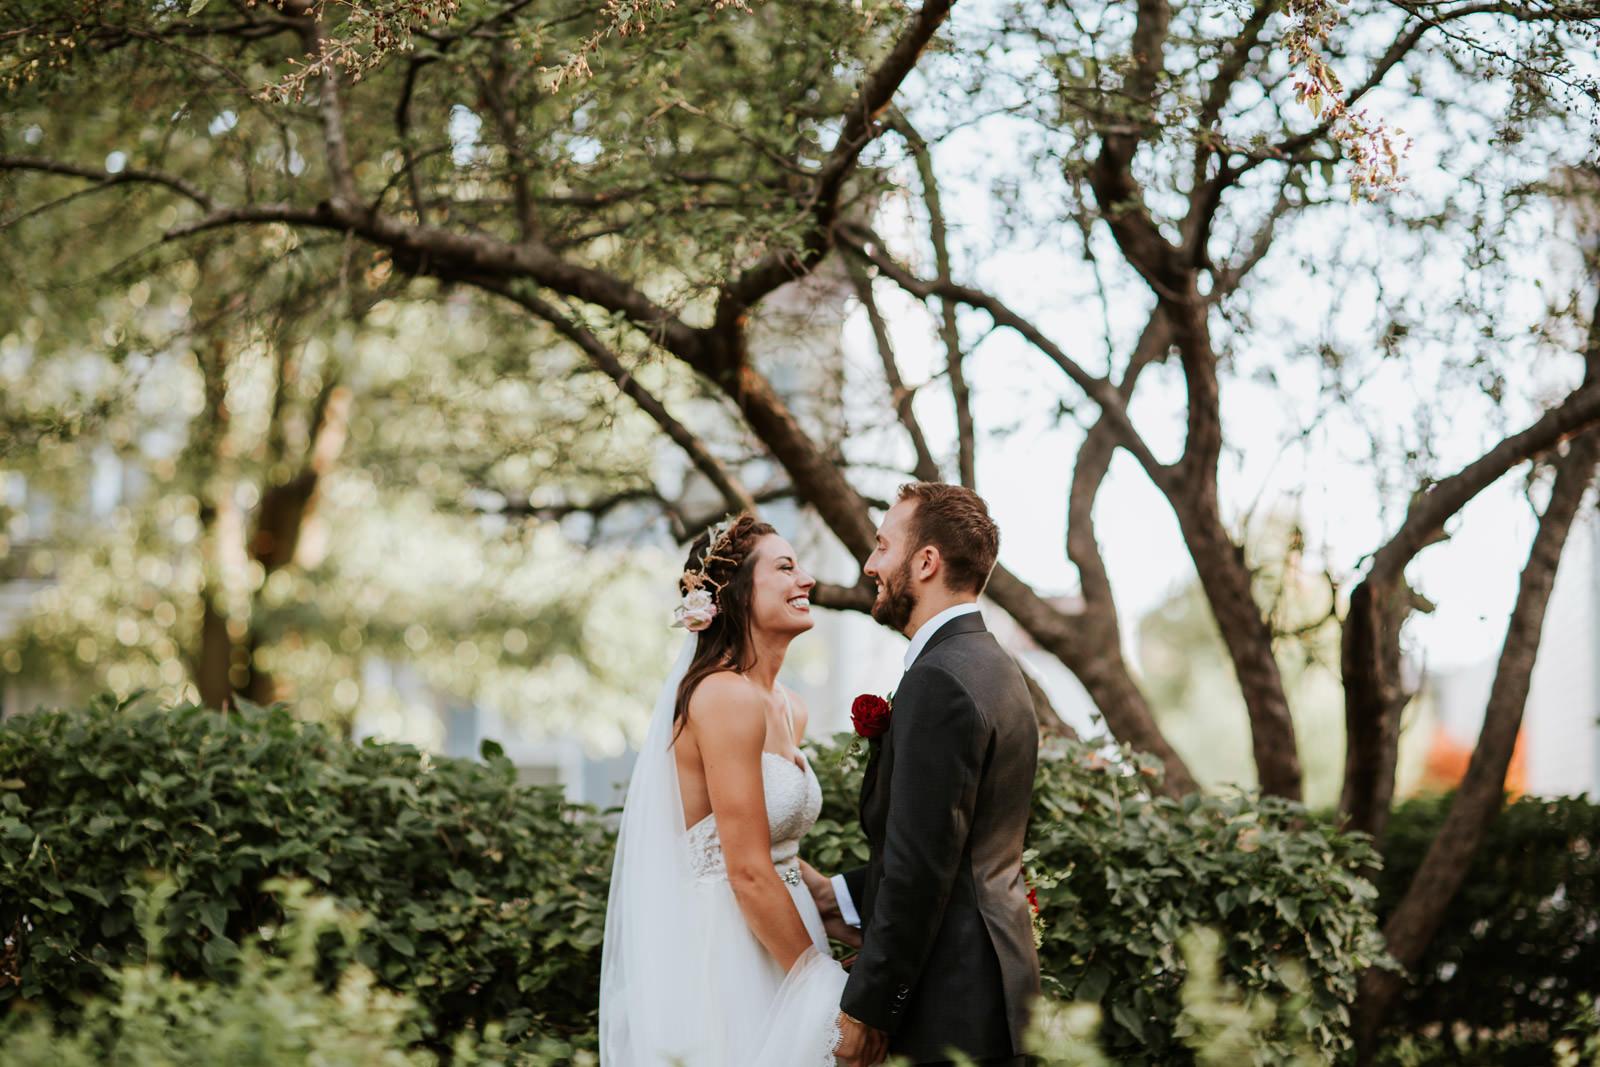 Outdoor wedding ceremony photos Chicago Illinois